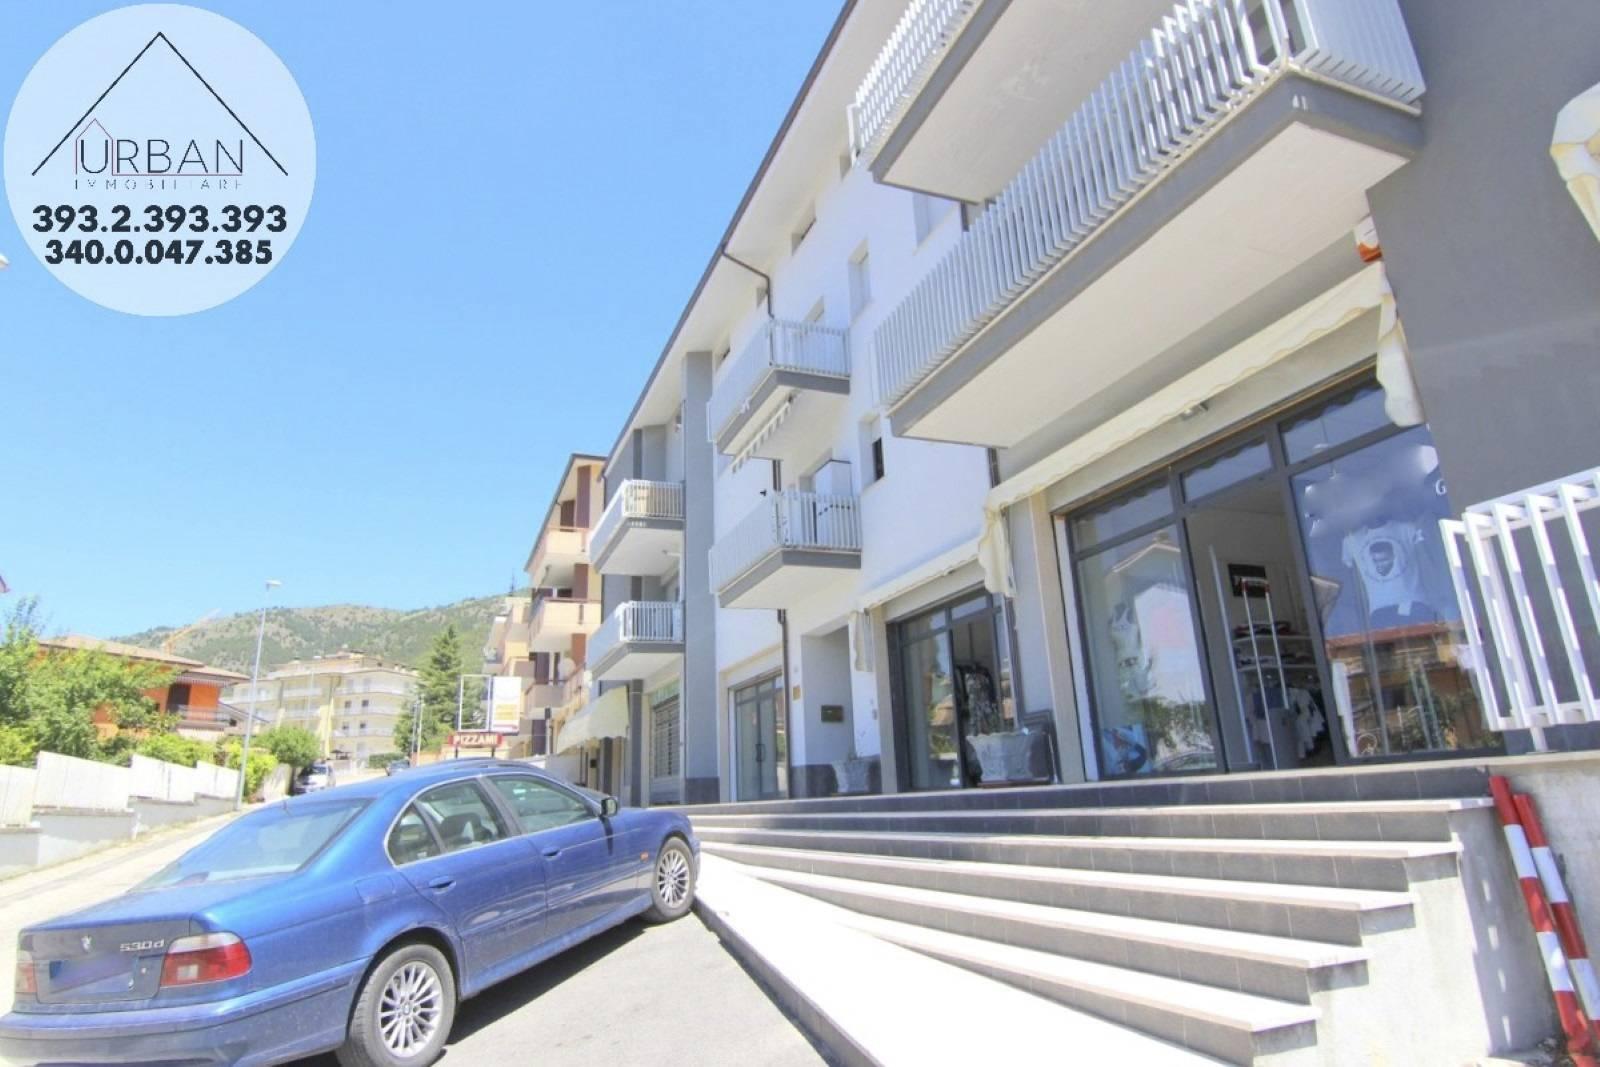 Appartamento in vendita a Pettino, L'aquila (AQ)